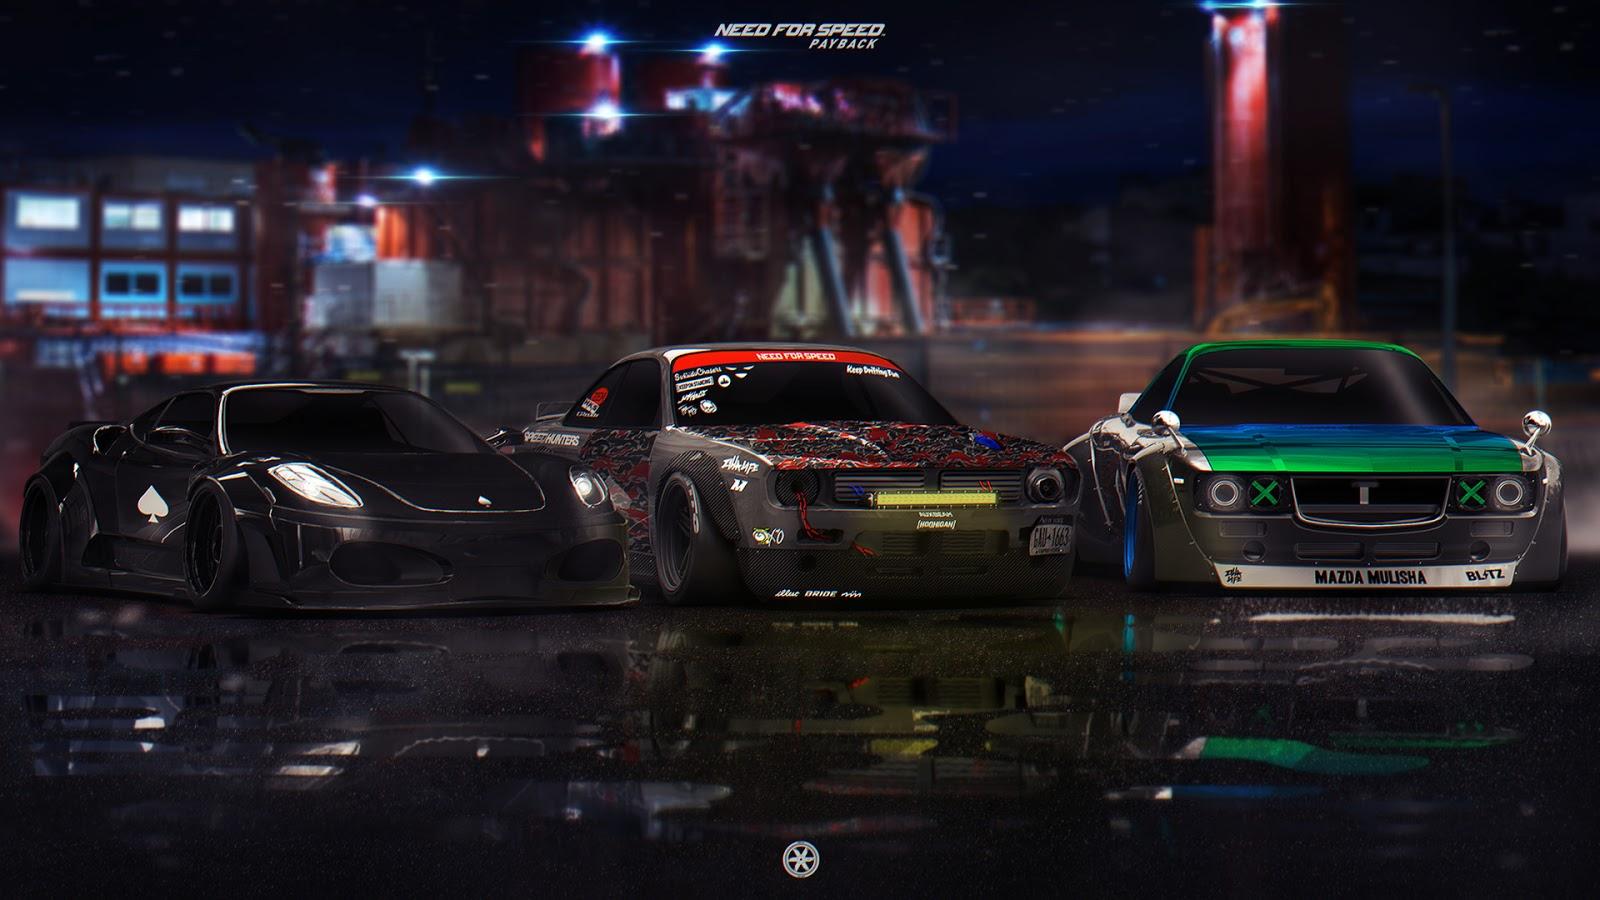 Nissan Gtr Car Hd Wallpapers تحميل لعبة Need For Speed Payback Full Unlocked تورنت